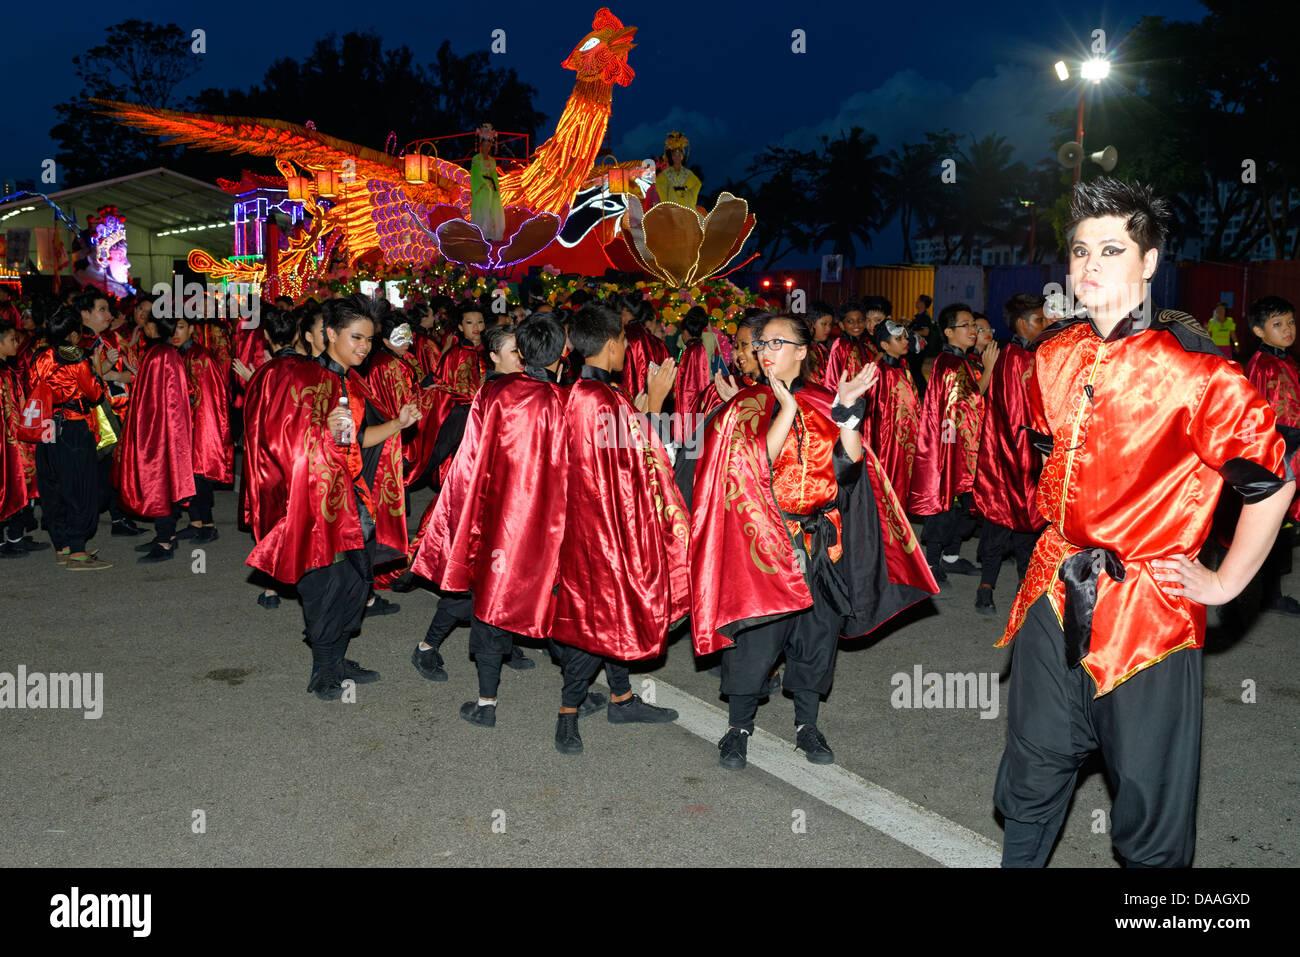 Juerguistas En Traje En El Desfile Chingay Singapur Asia